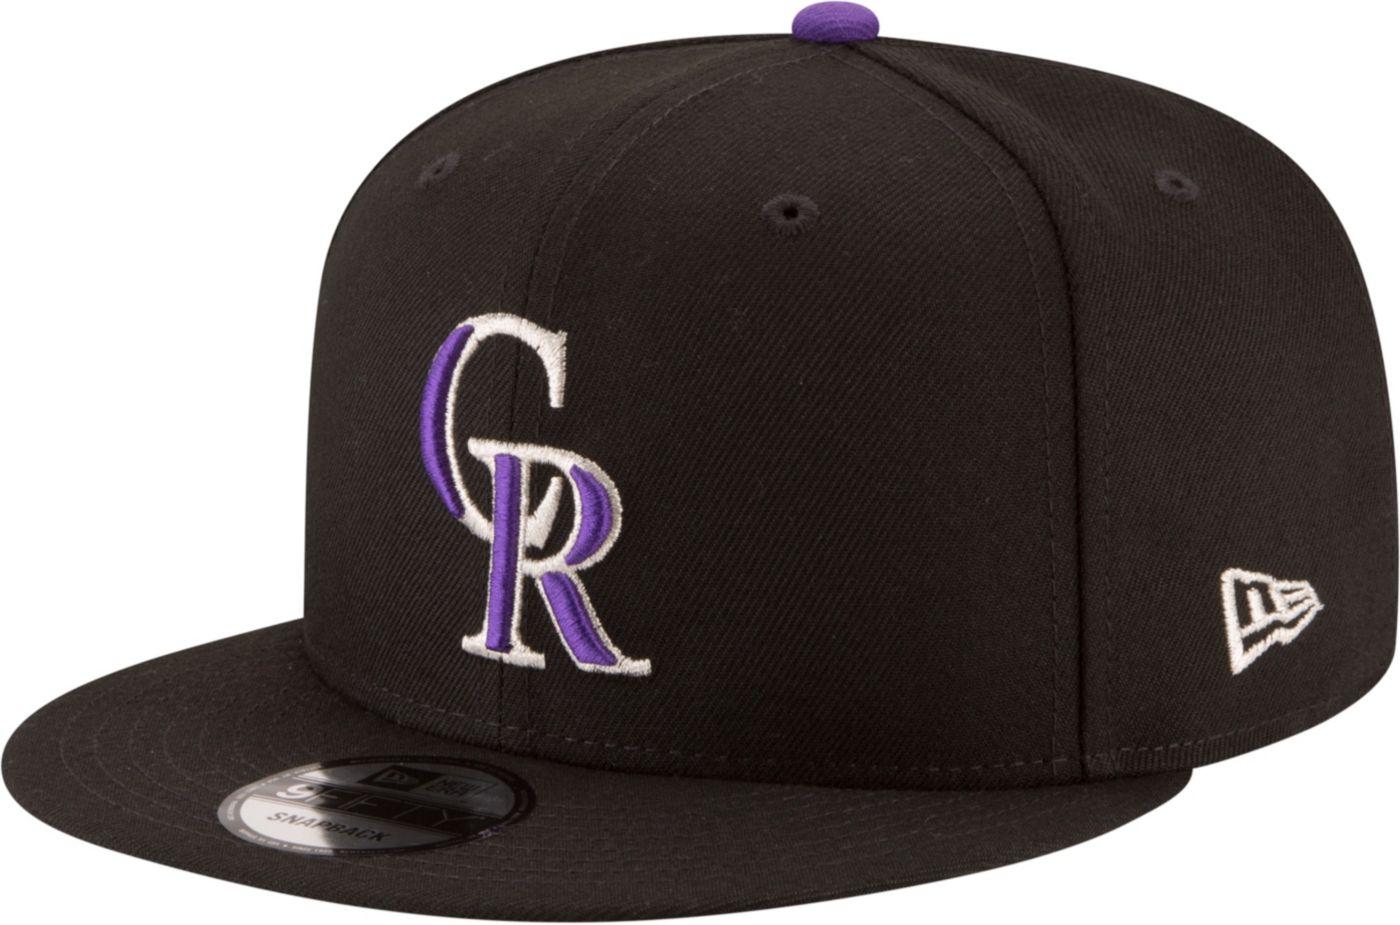 New Era Men's Colorado Rockies 9Fifty Adjustable Snapback Hat